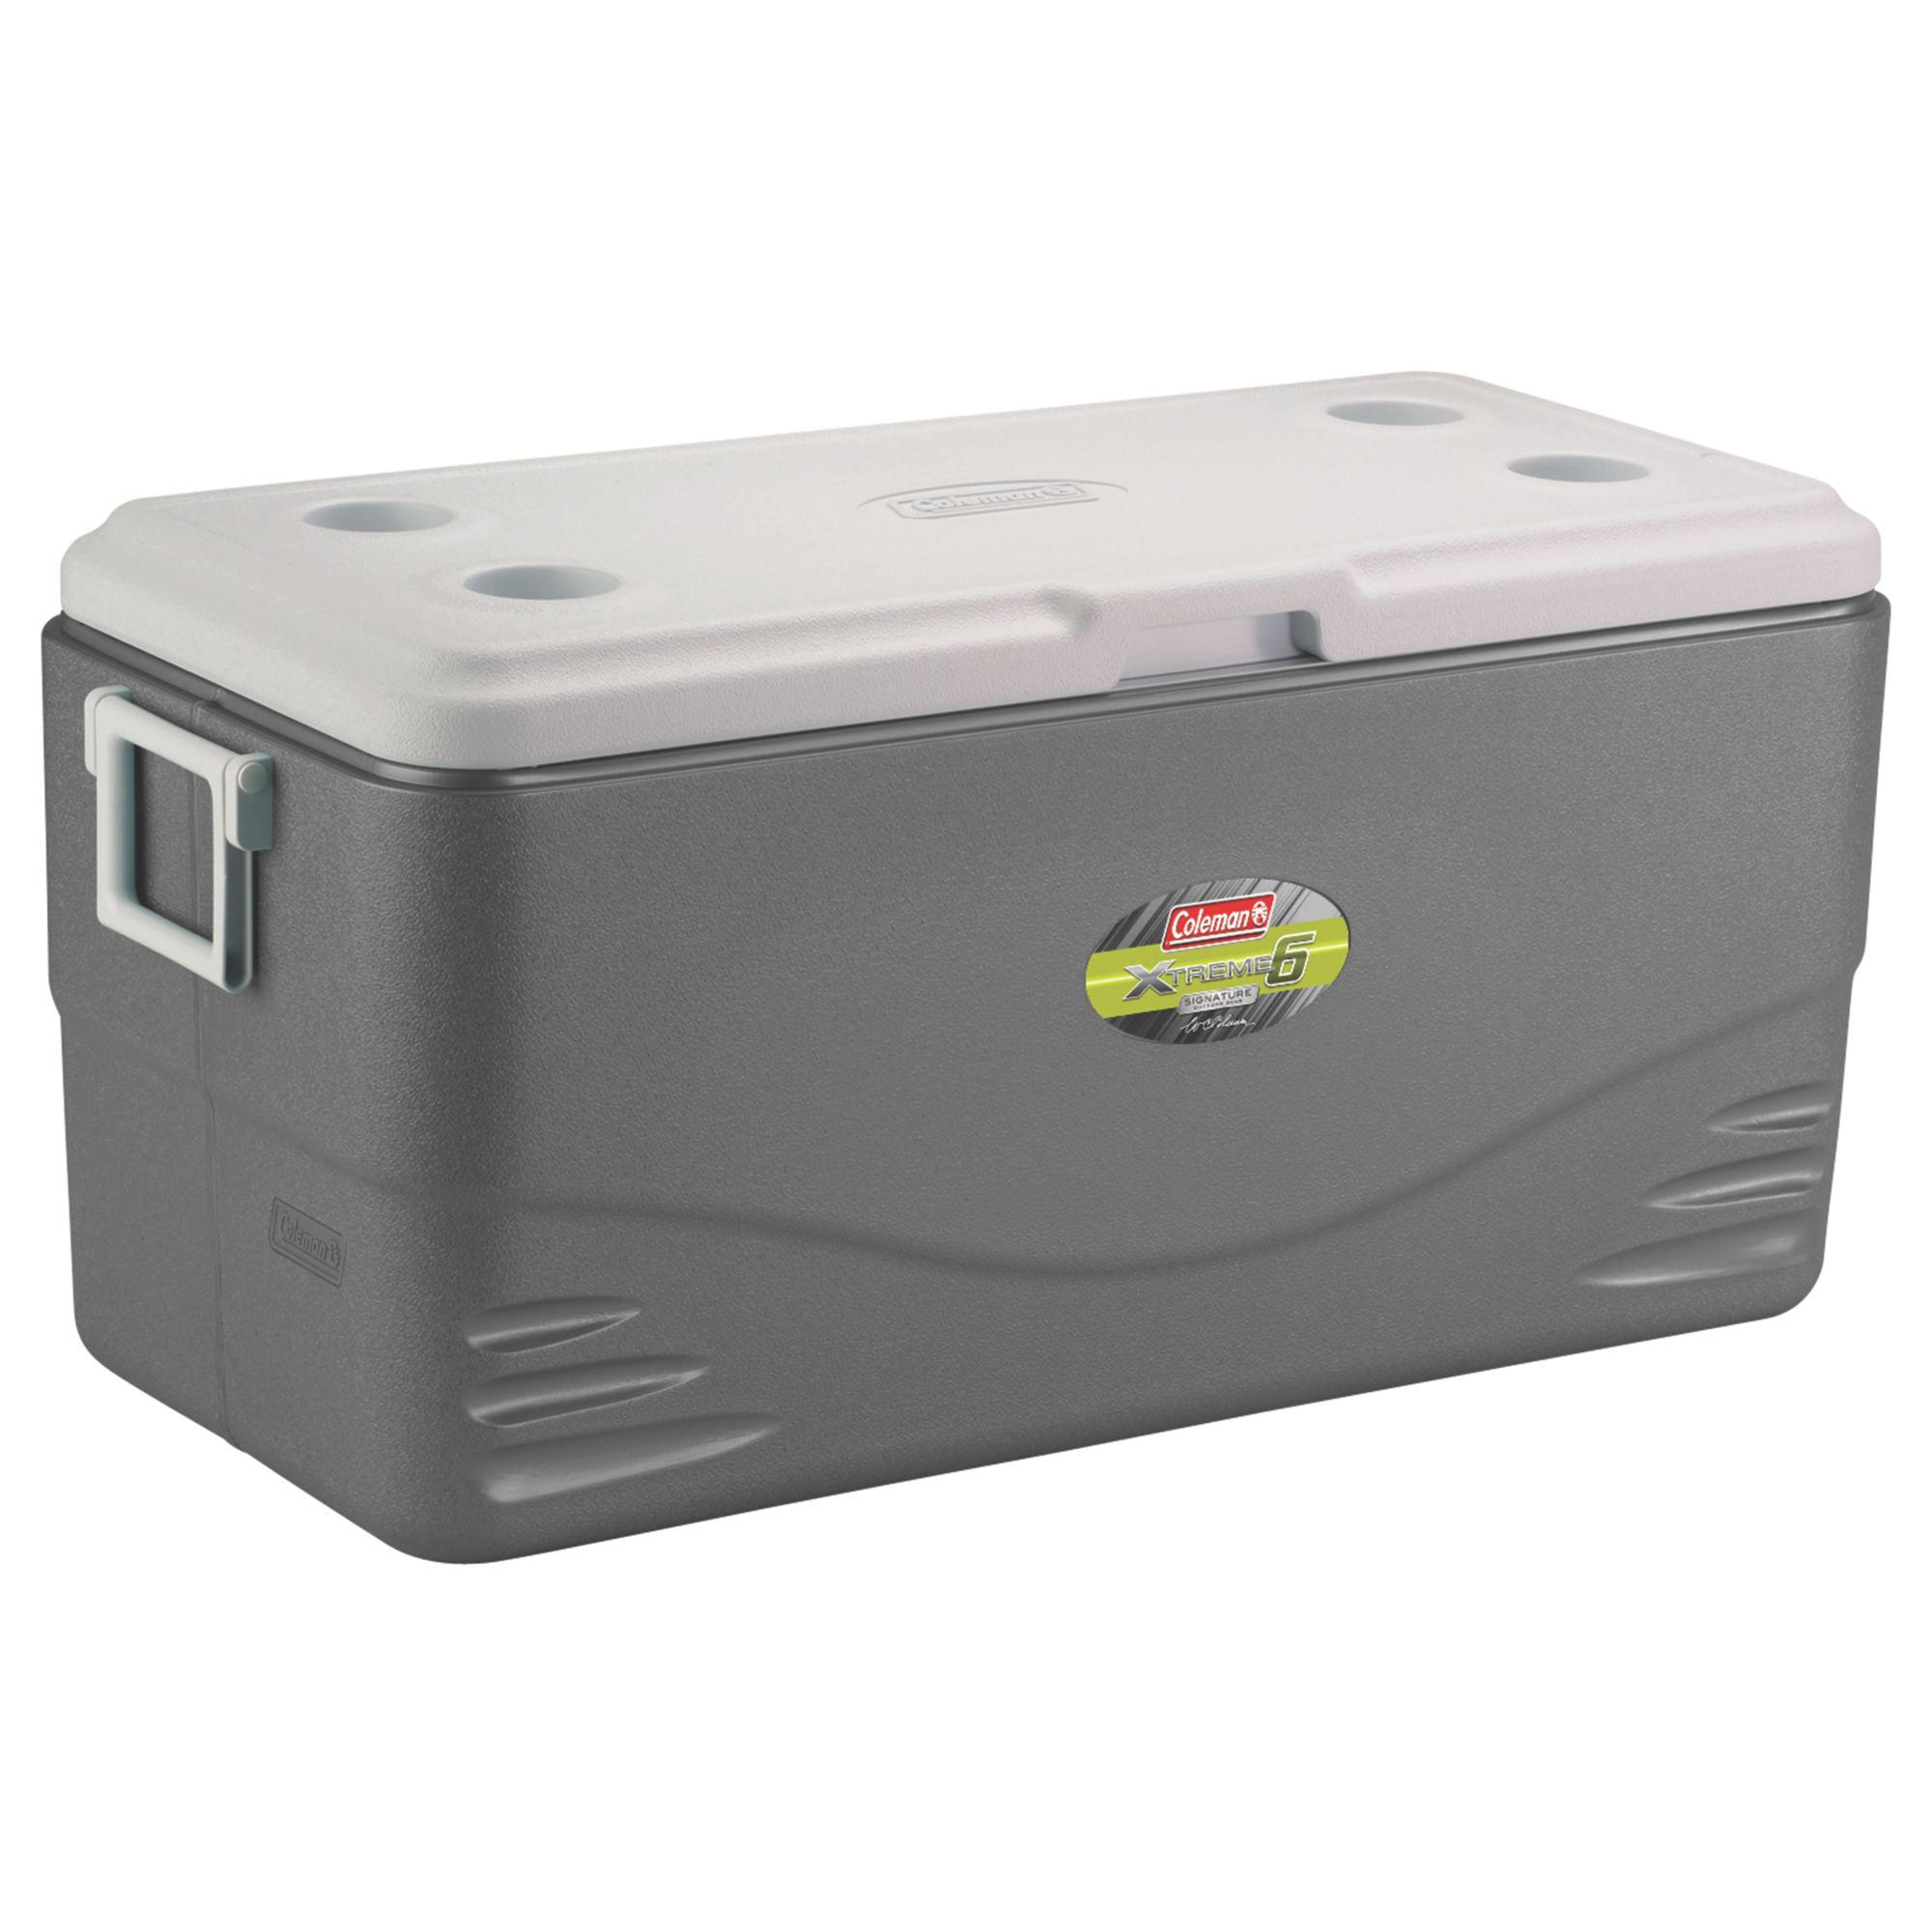 Контейнер изотермический Coleman 82QT Xtreme серыйИзотермический контейнер Coleman 82QT Xtreme артикул производителя 3000001147 - большой и вместительный универсальный термоконтейнер.<br><br>Его полезный объем составляет 77.6 л, что дает возможность без проблем вместить внутри до 129 банок напитка по 0.33 л, высота контейнера позволяет вертикально располагать двухлитровые бутылки.<br><br>В крышке термоконтейнера Coleman есть дополнительная изоляция, вместе с аккумуляторами холода изотермический контейнер Coleman 82QT способен сохранять прохладу внутри контейнера до 6-ти суток.<br><br>Вес кг: 0.60000000